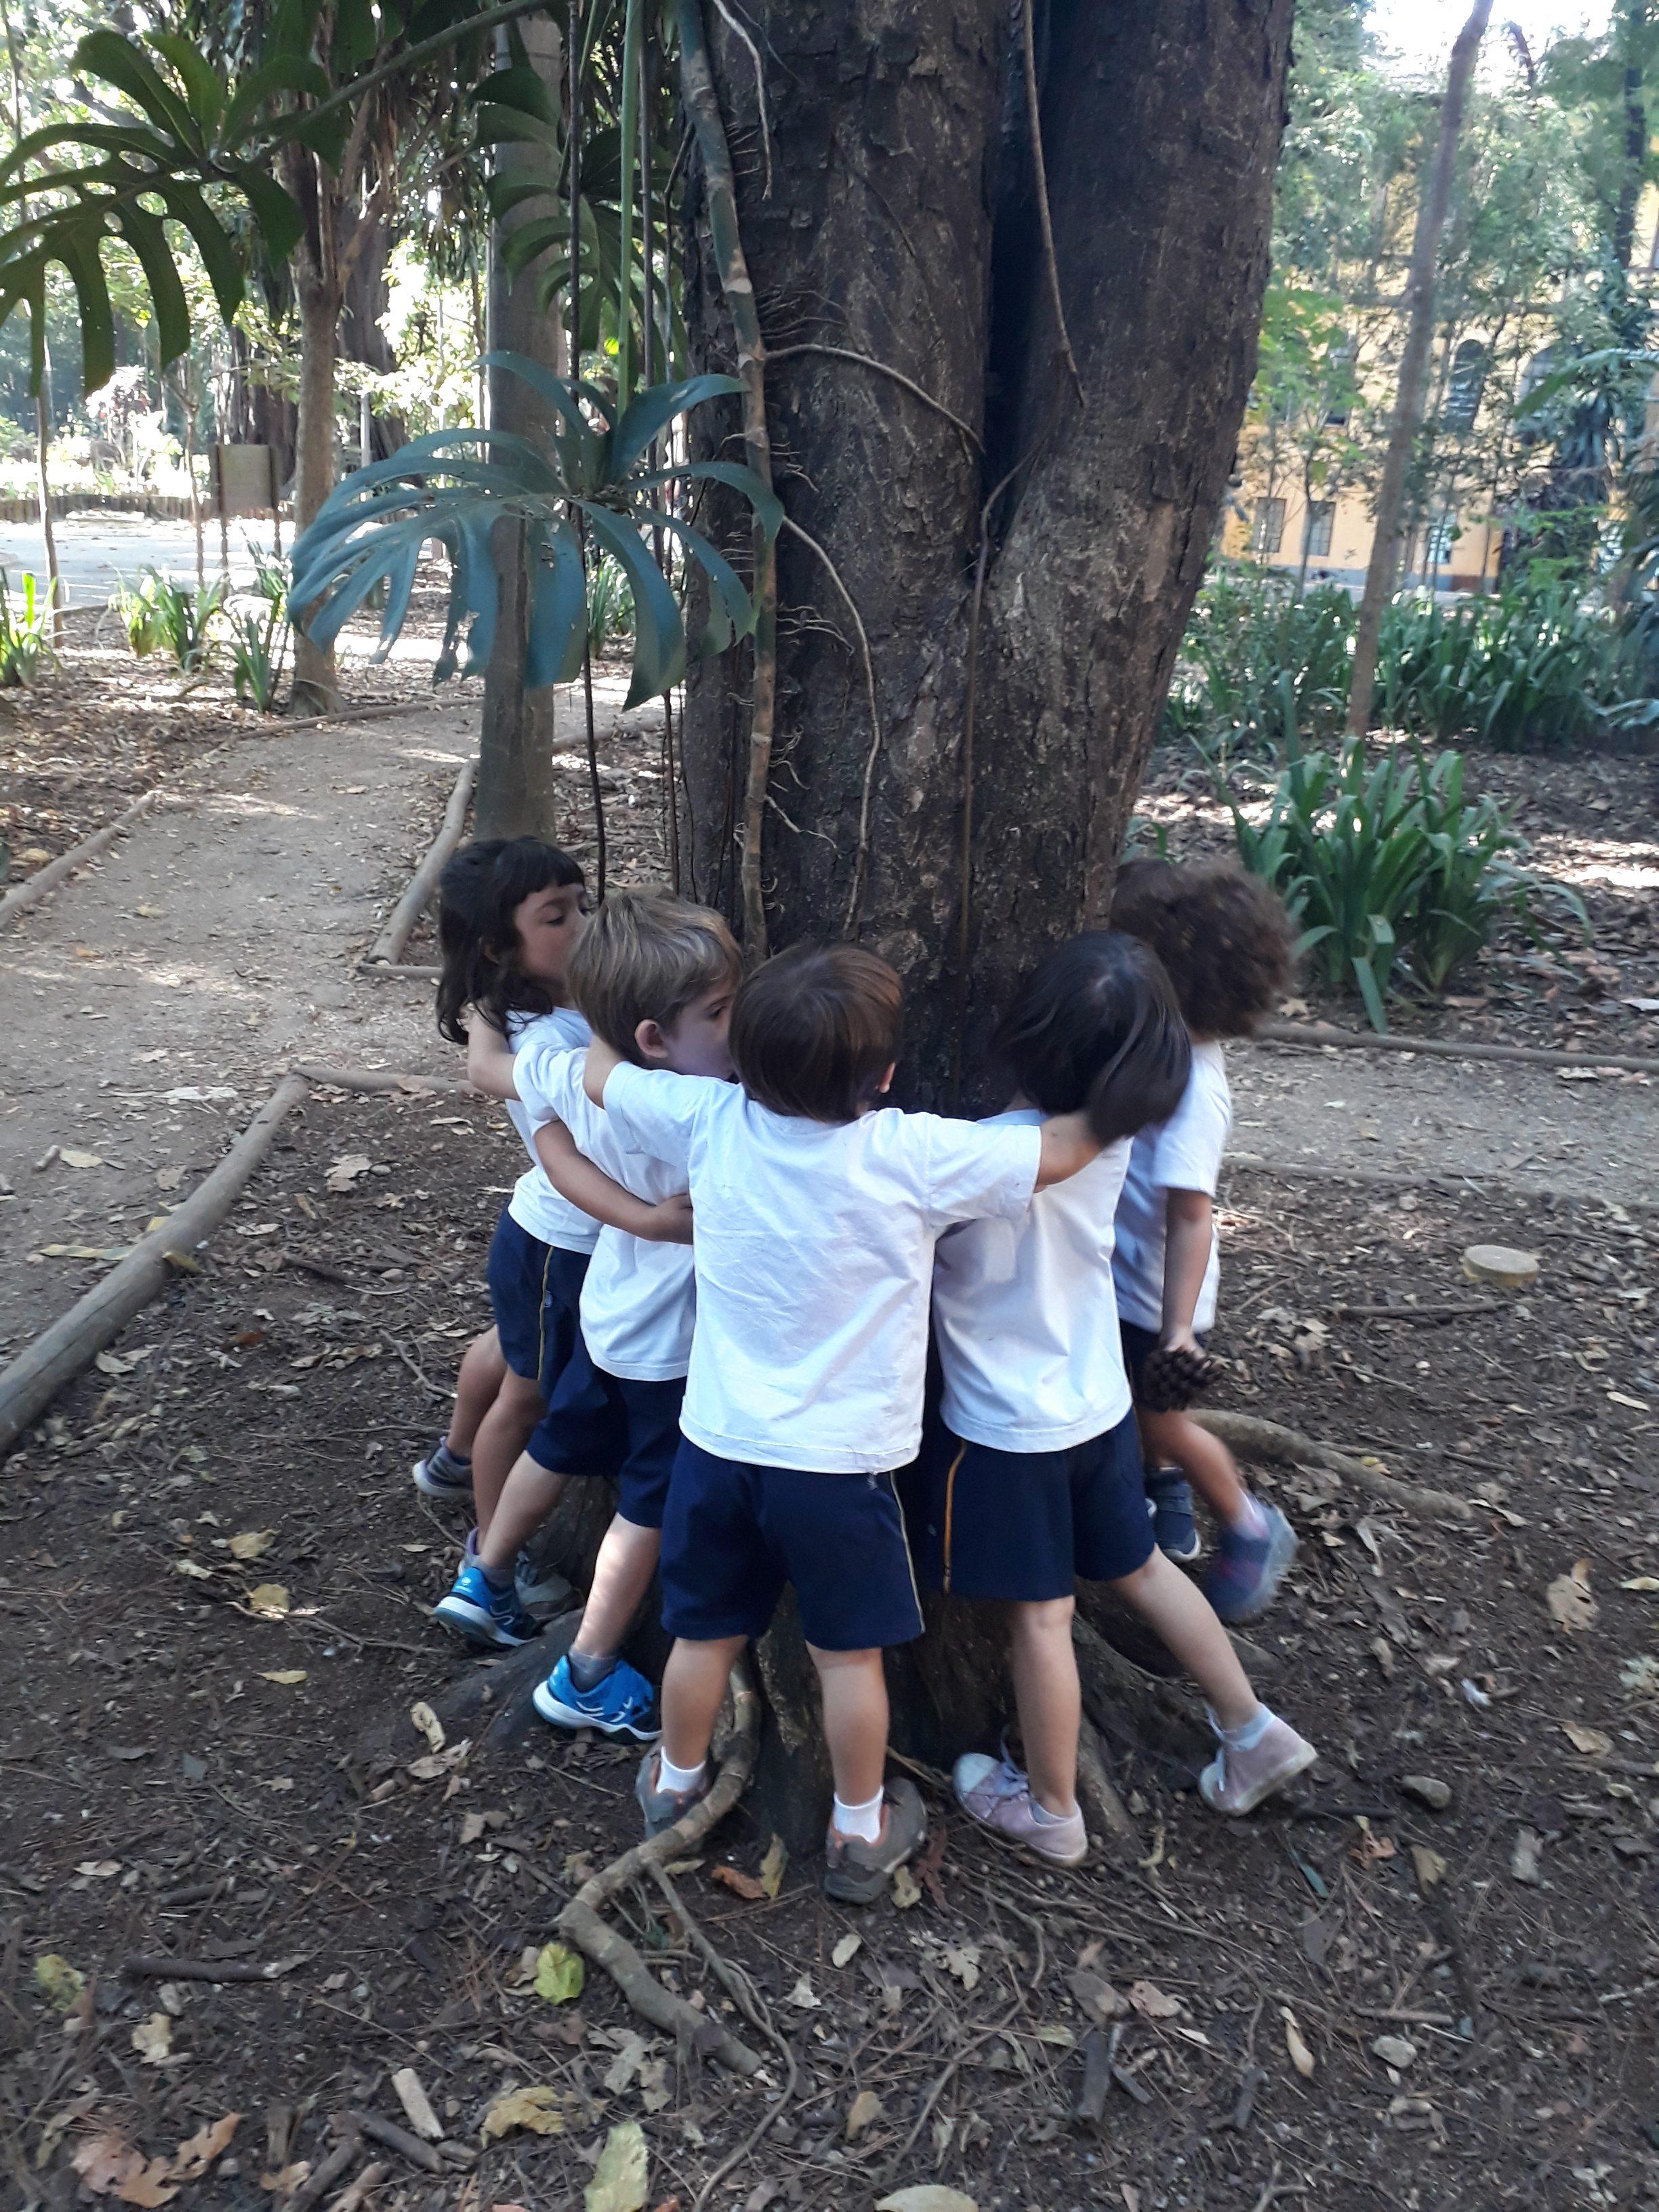 Crianças do GIII visitam parque e desvendam os mistérios das árvores